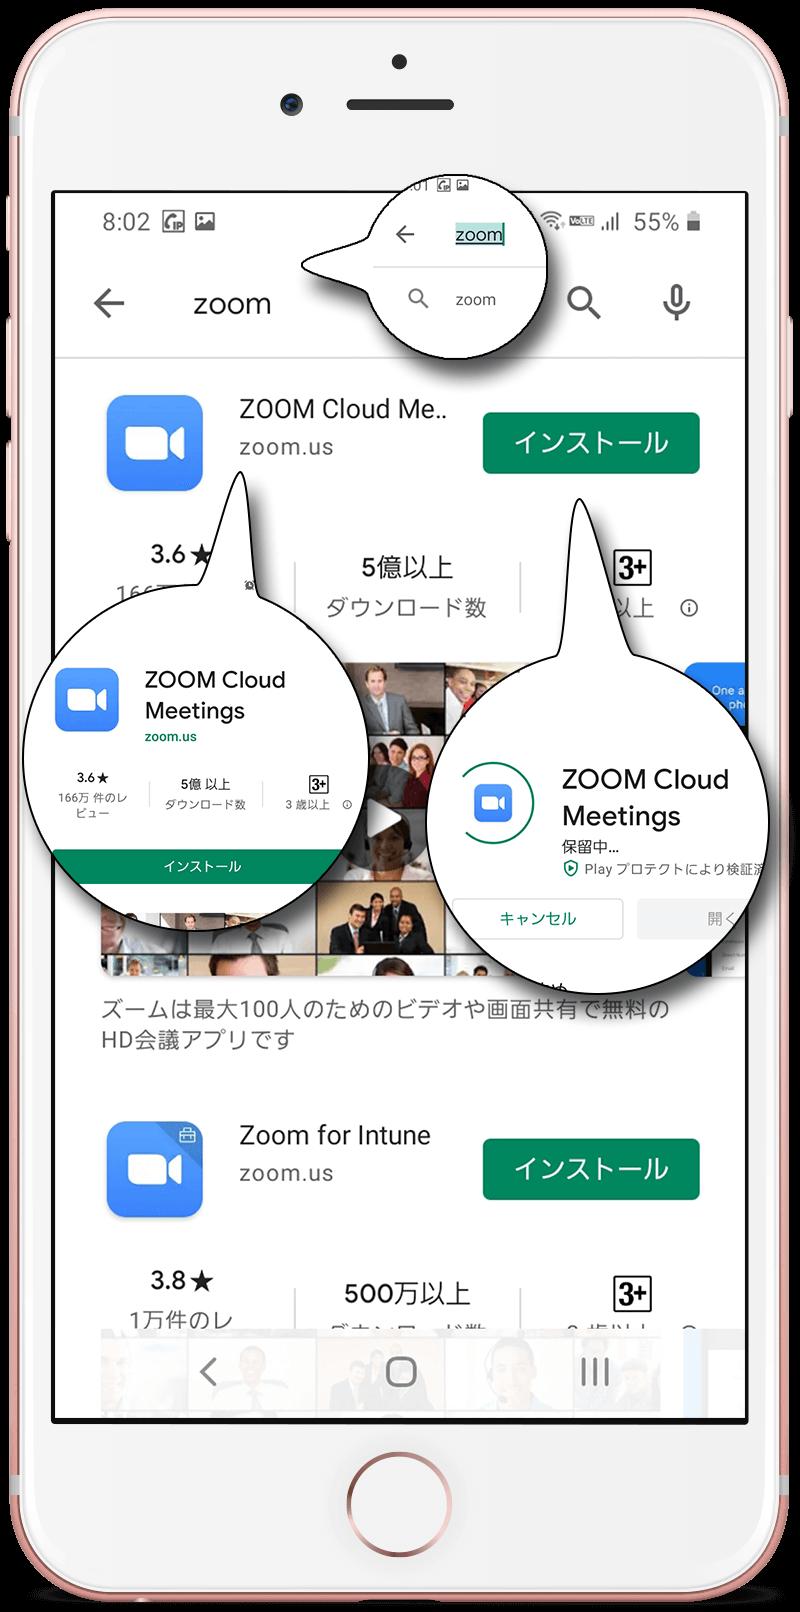 スマホにZoomアプリをインストールしてオンライン個別見学に参加インストール画像2